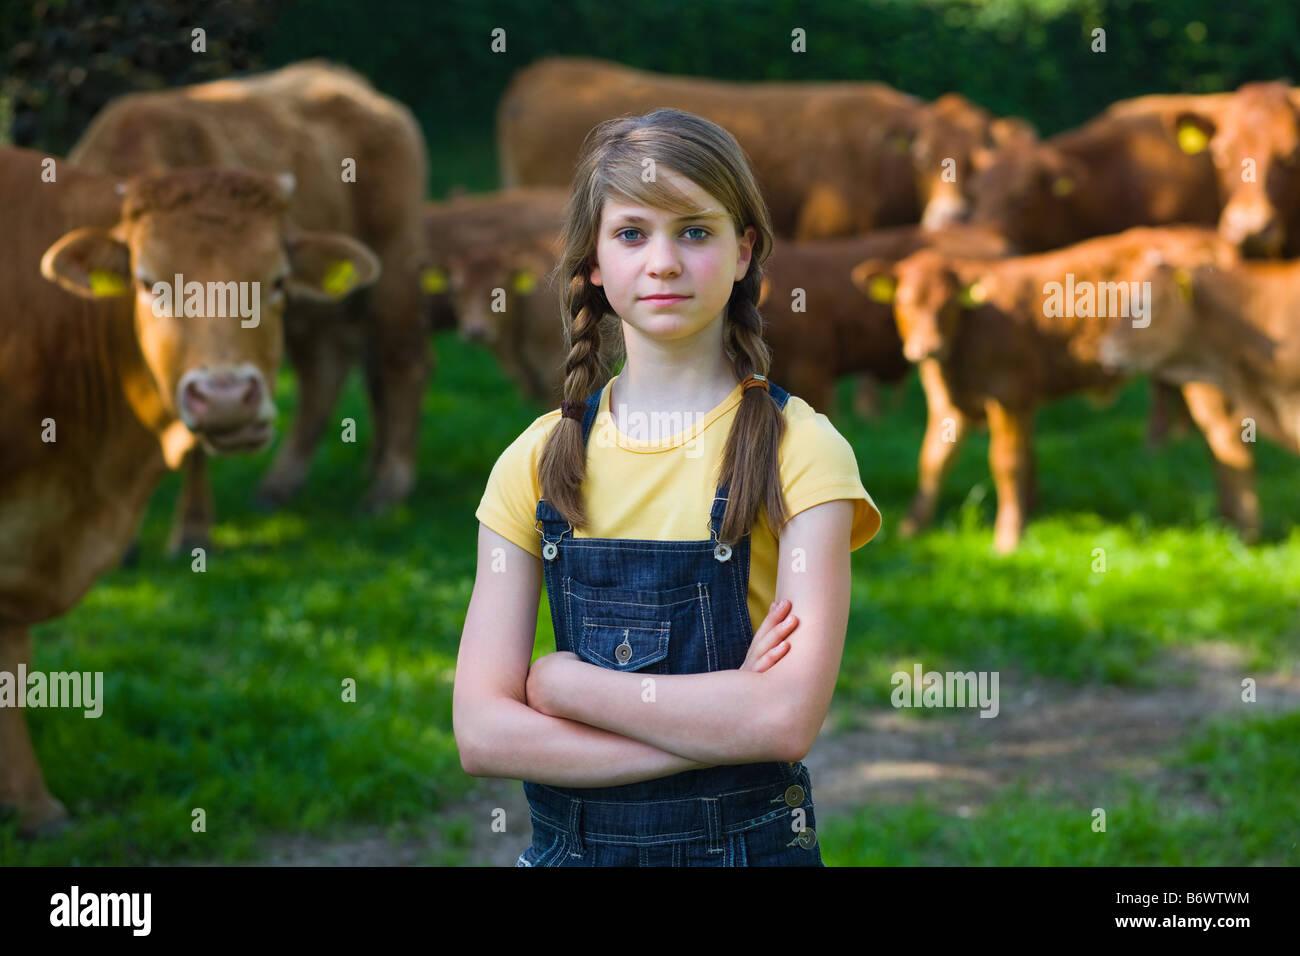 Retrato de una niña en una granja Foto de stock